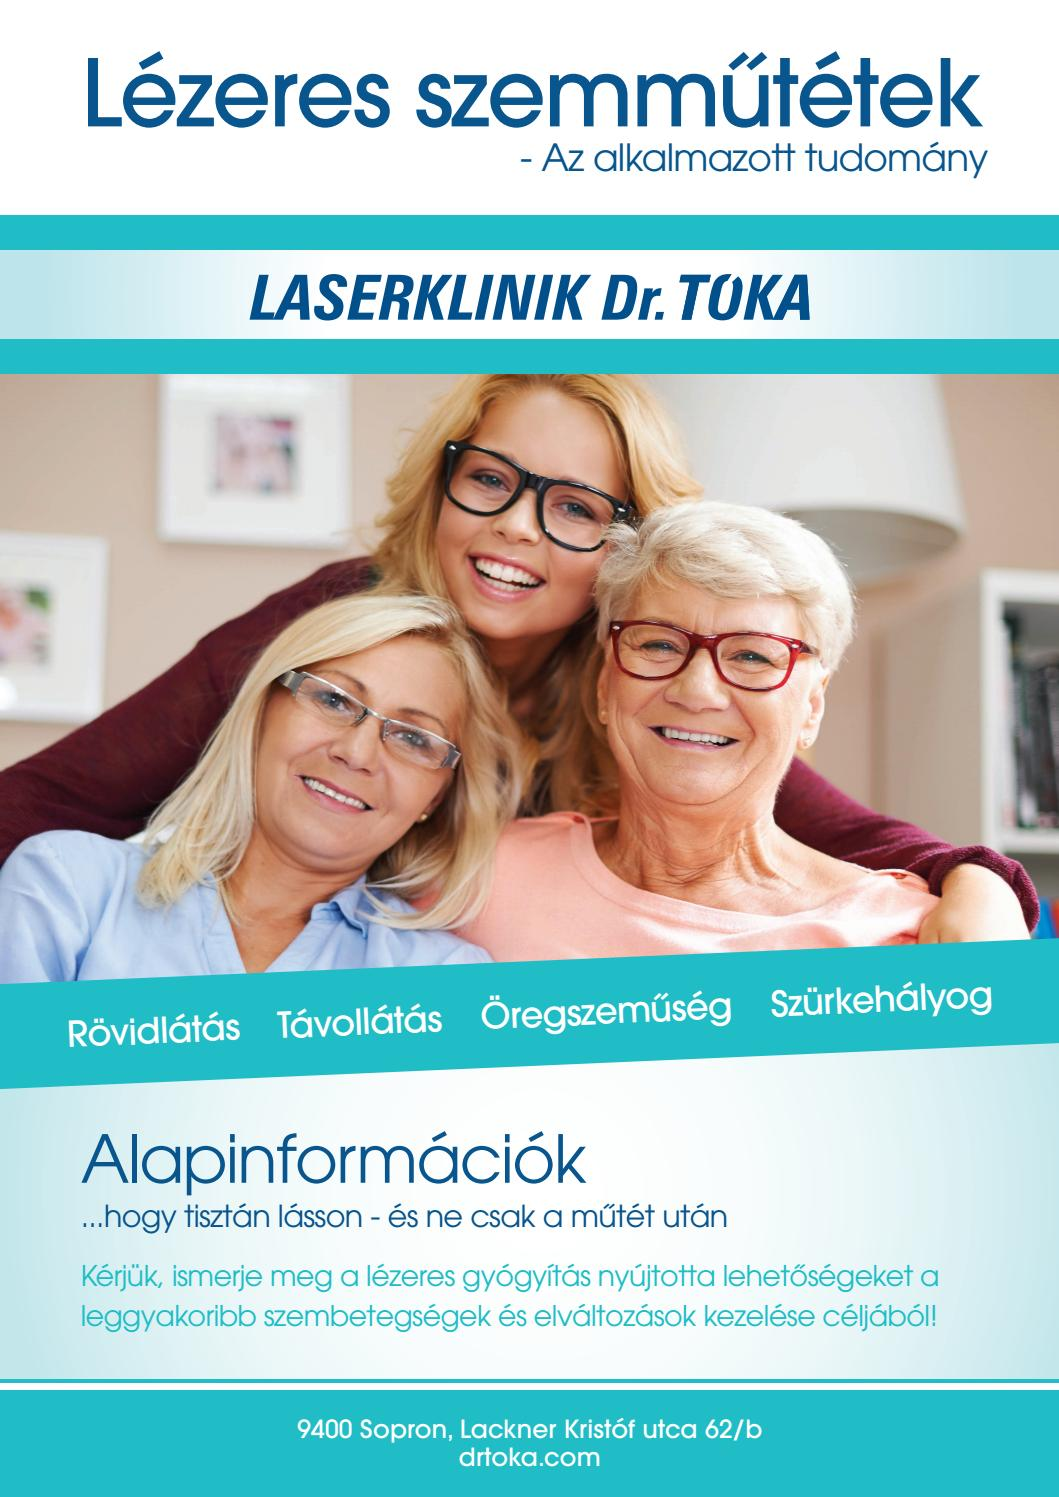 Időskori távollátás (presbiópia, öregszeműség) - STYLE OPTIKA